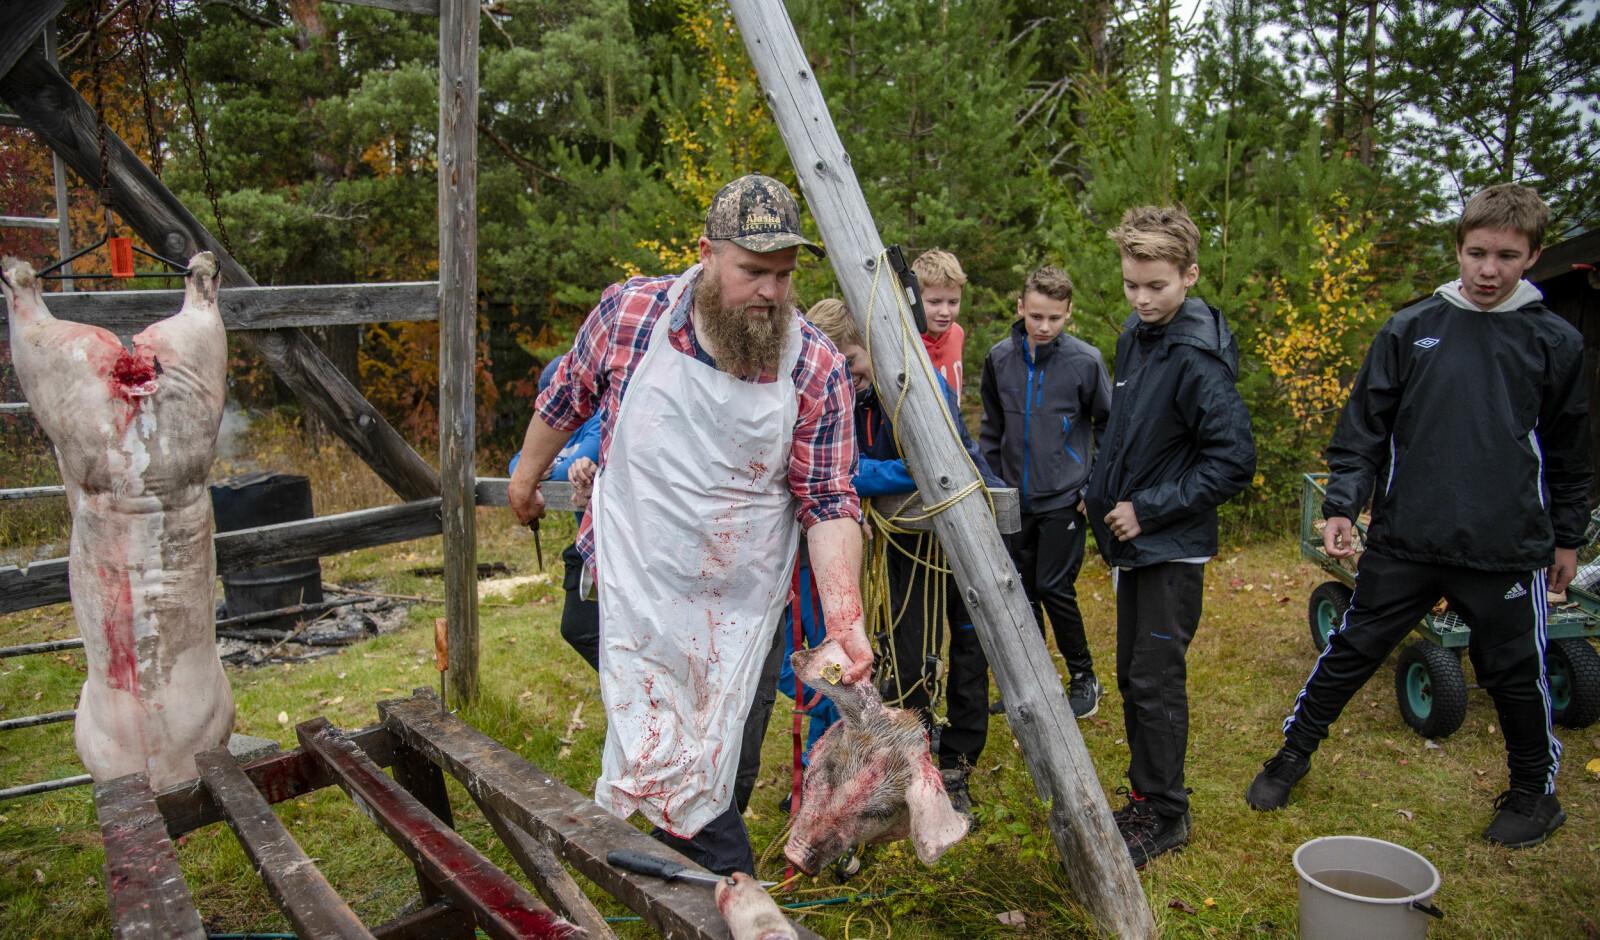 Grisehodene blir ikke til sylte. Lærerkollegene Ole Eriksen (bildet) og Audun Strand er også jaktkamerater og bruker dem som reveåte. Bak ser vi Even Johnsen, Lukas Moe Olsen og Oskar Solberg-Austeng.